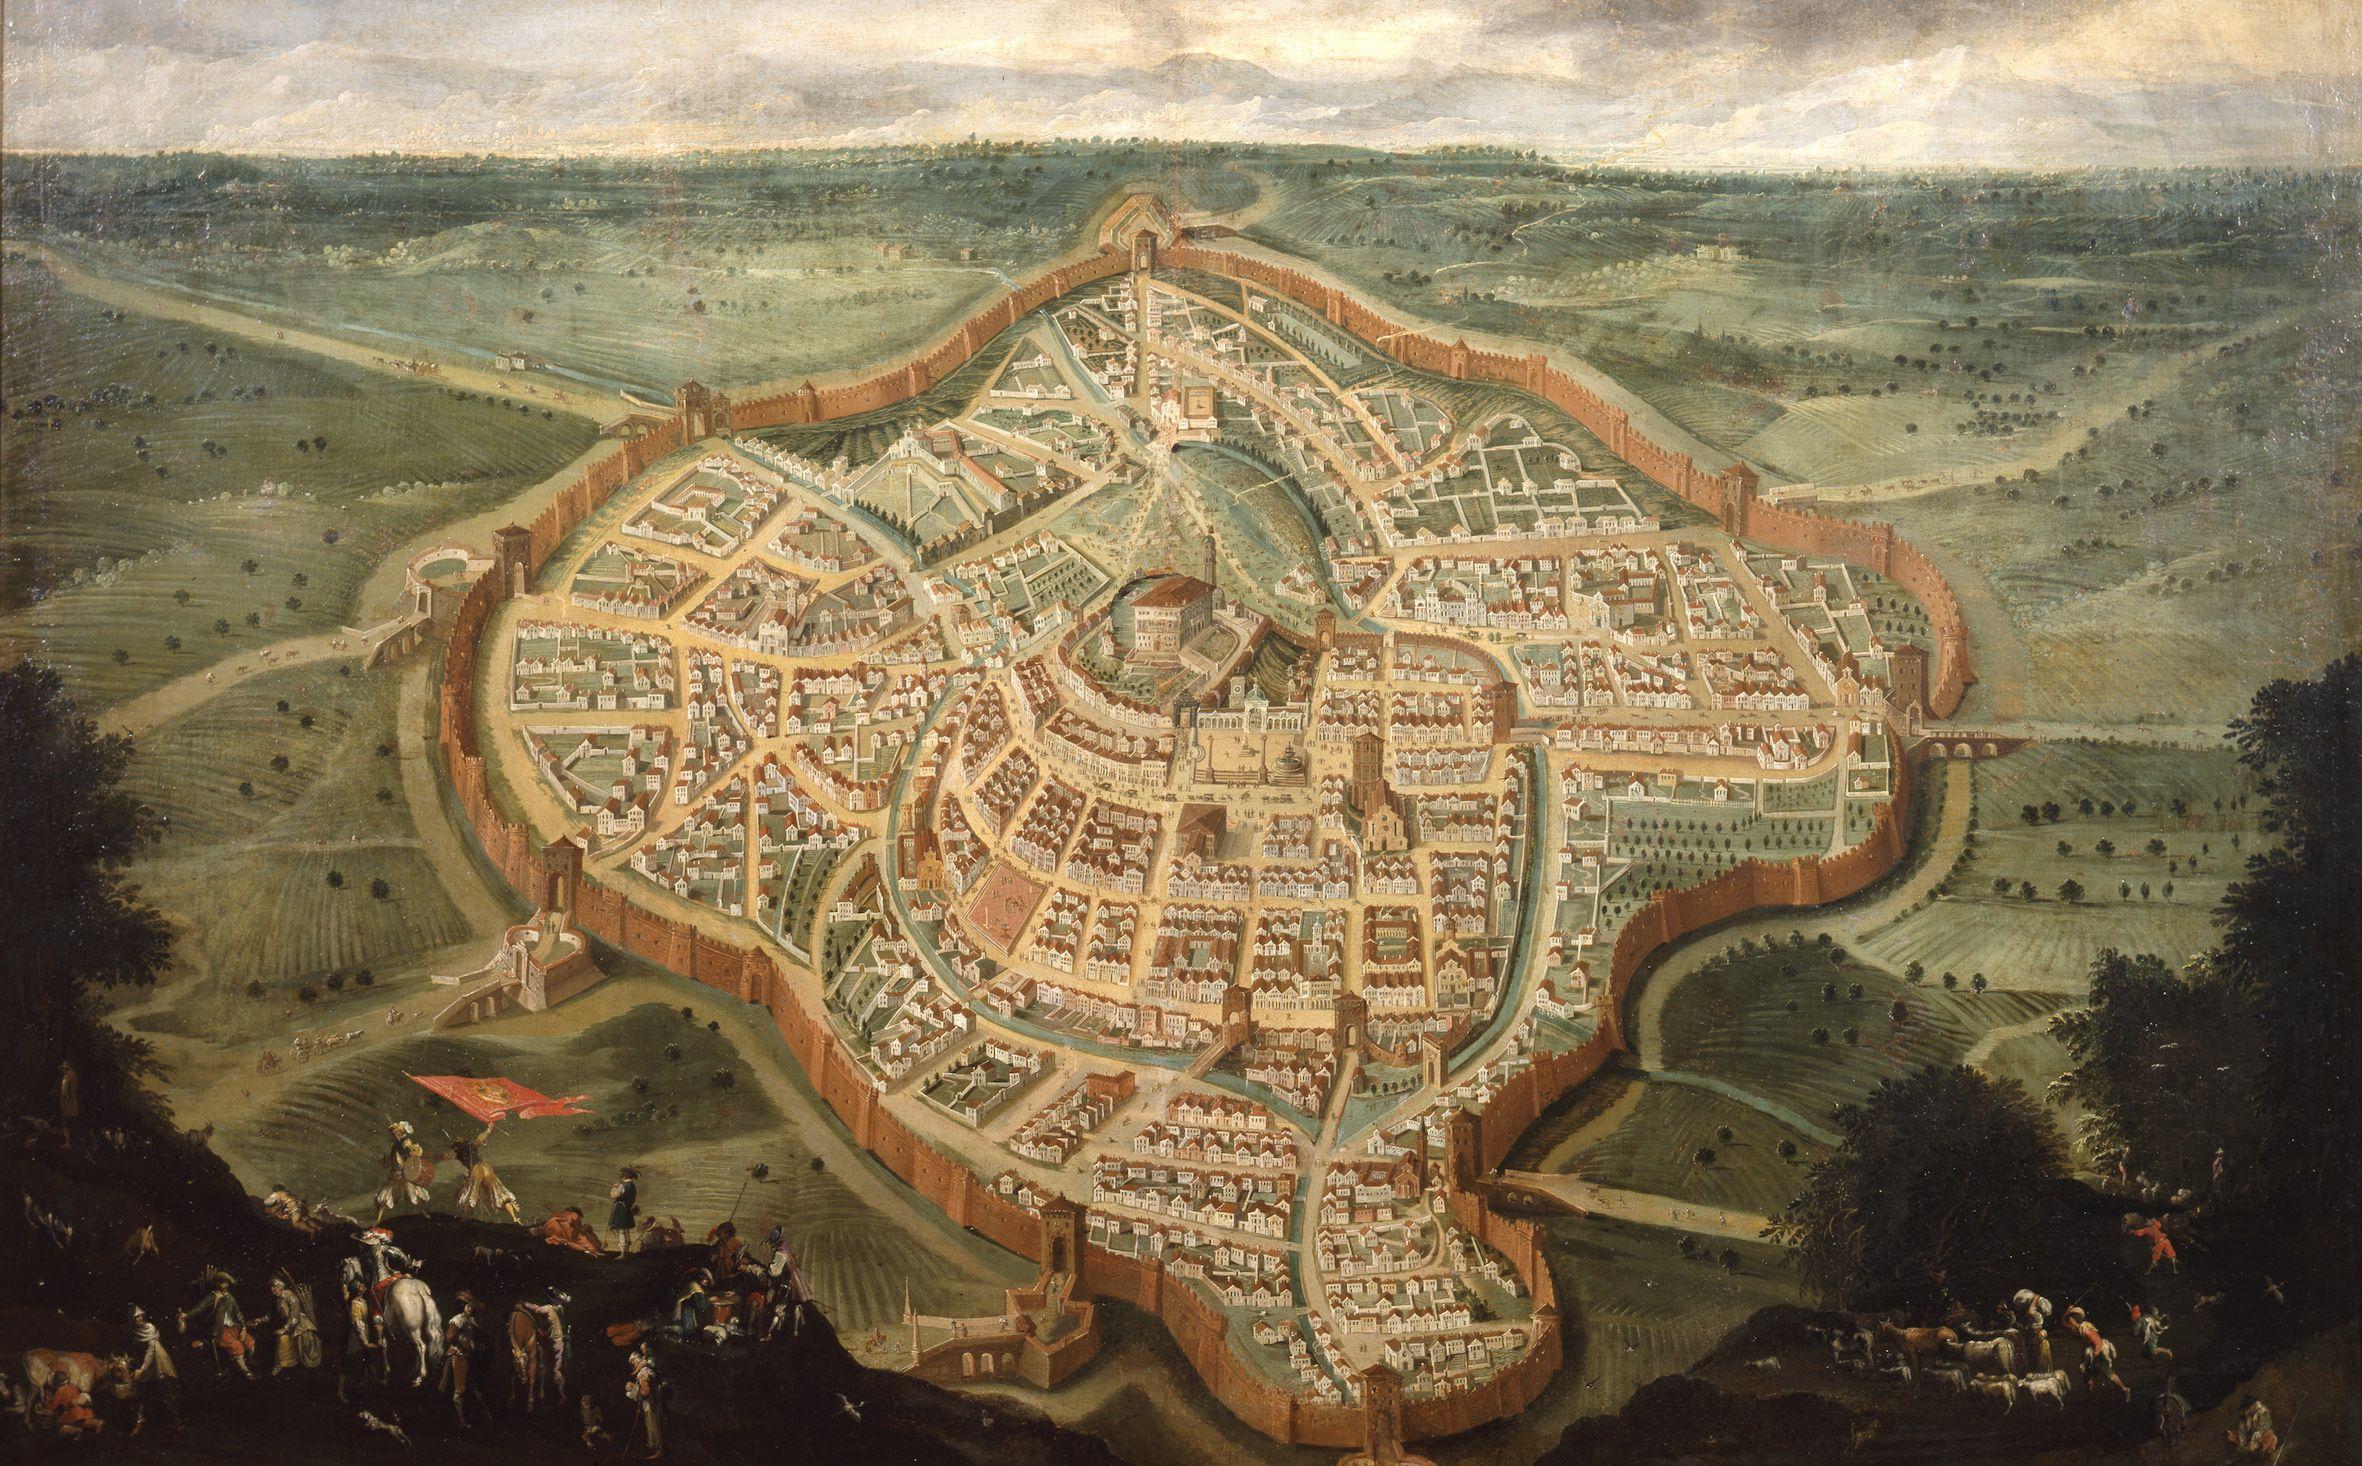 Giovanni Battista Cosattini (?), Pianta della città di Udine, sec. XVII. Udine, Galleria d'Arte Antica.